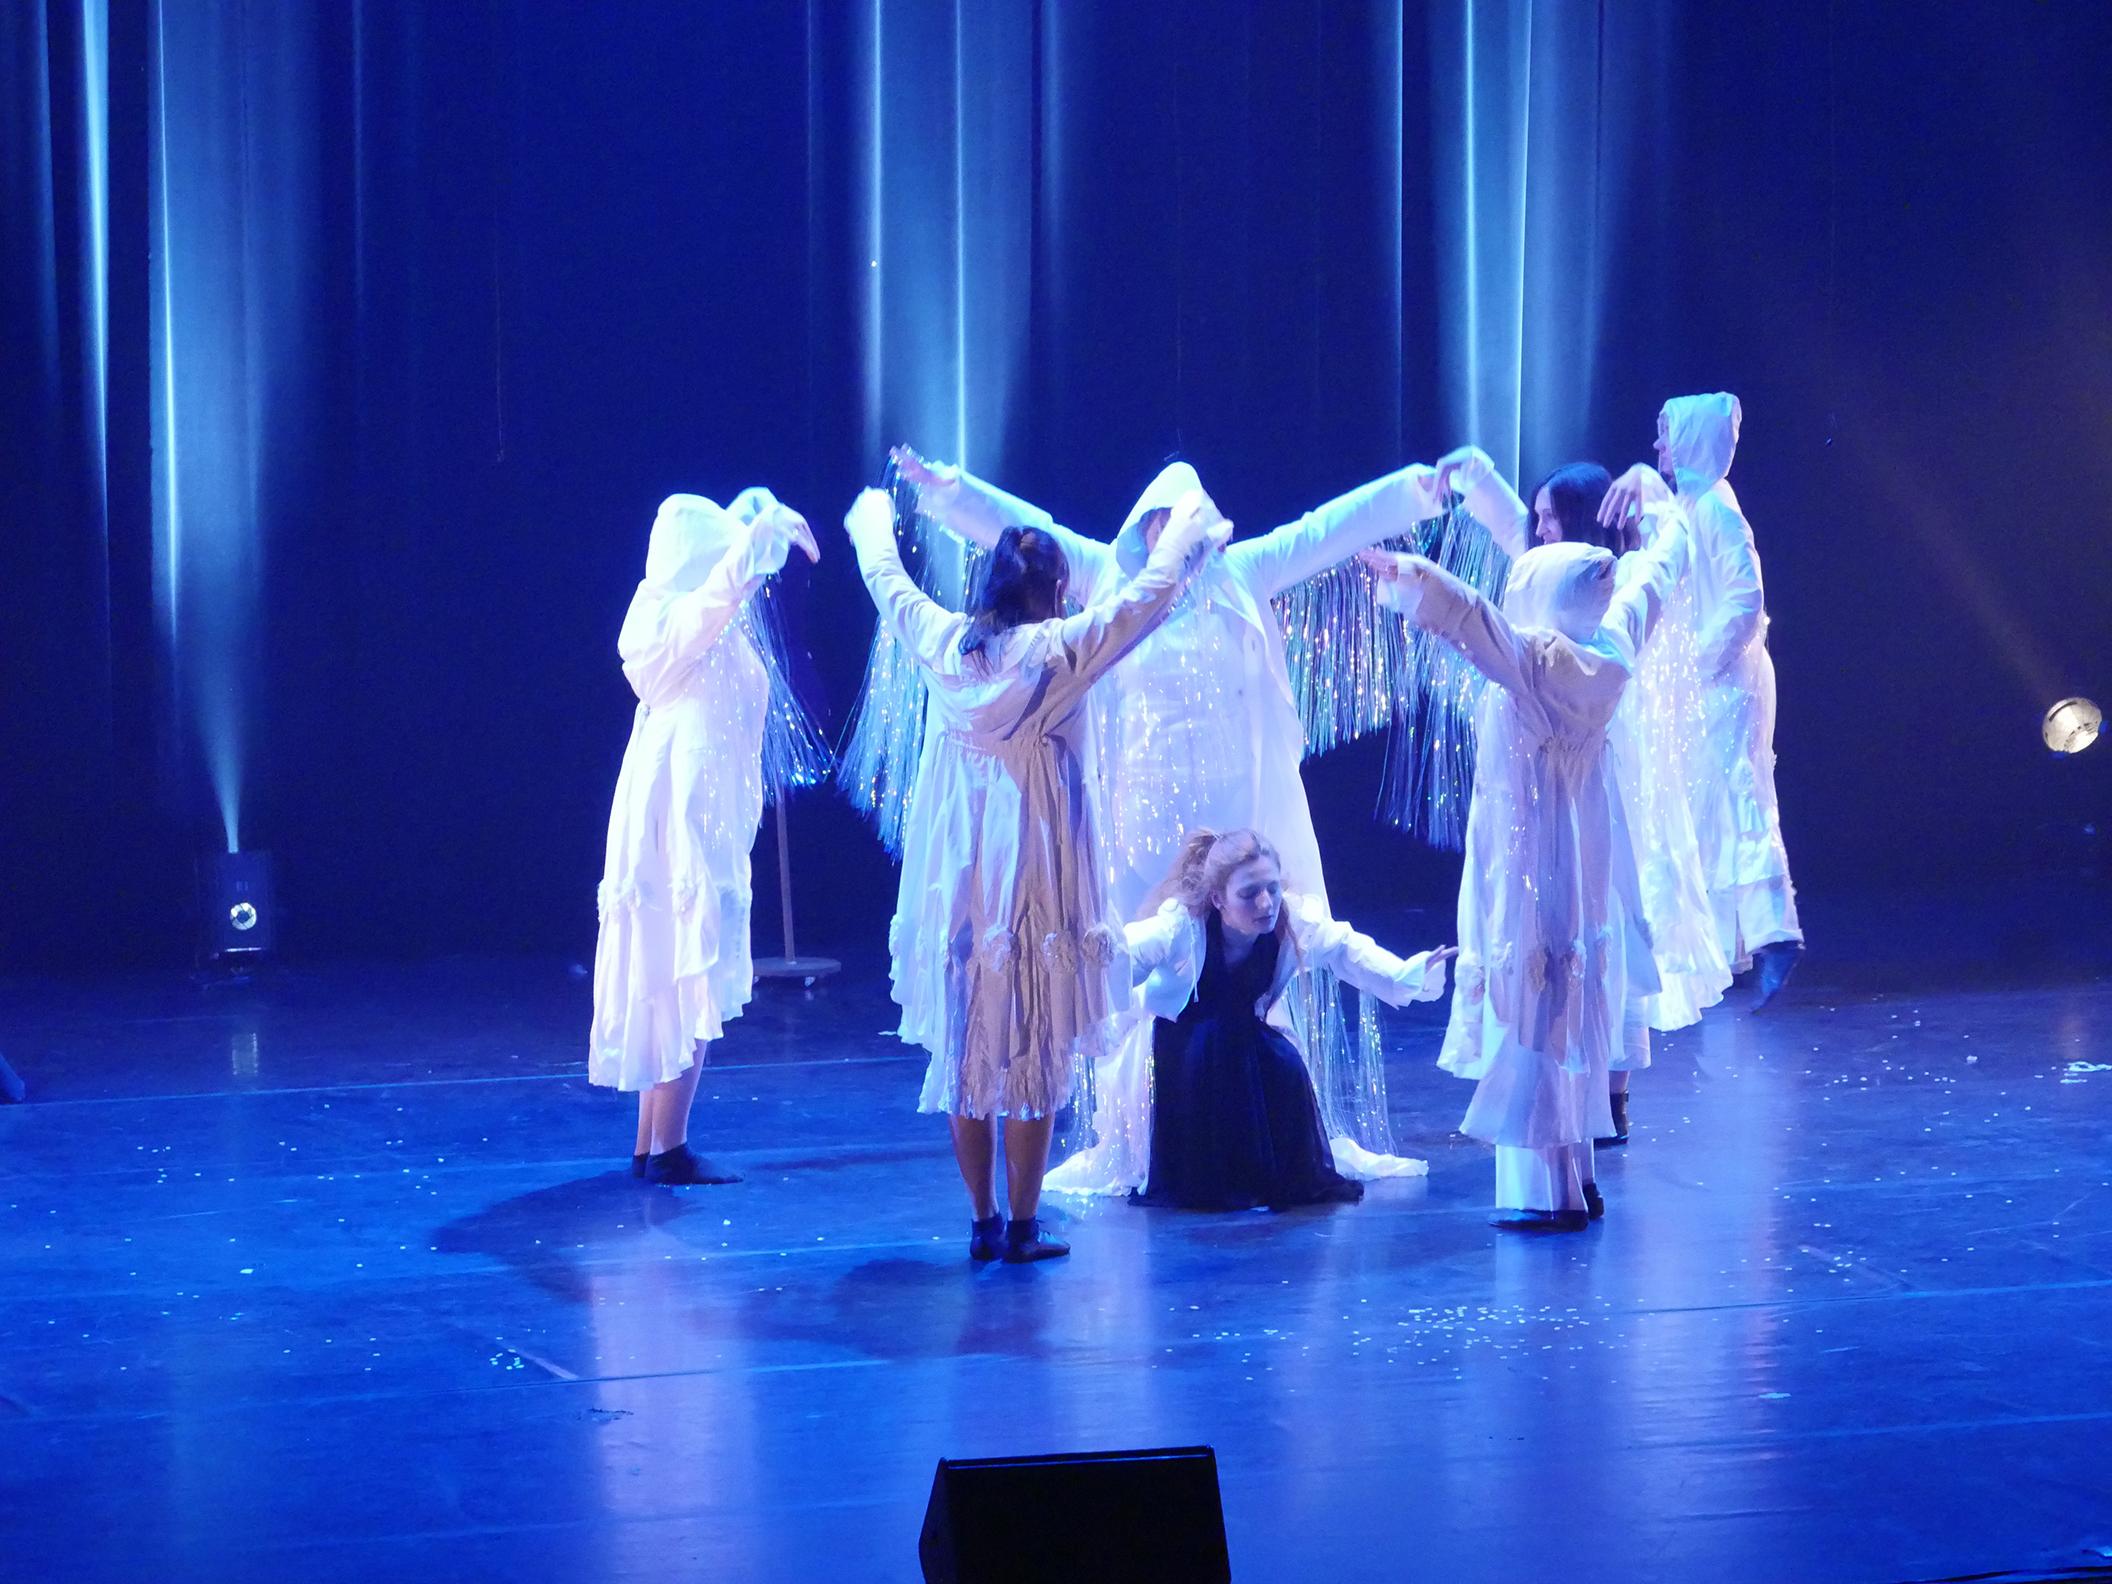 danse-spectacle-cote-cour-2016